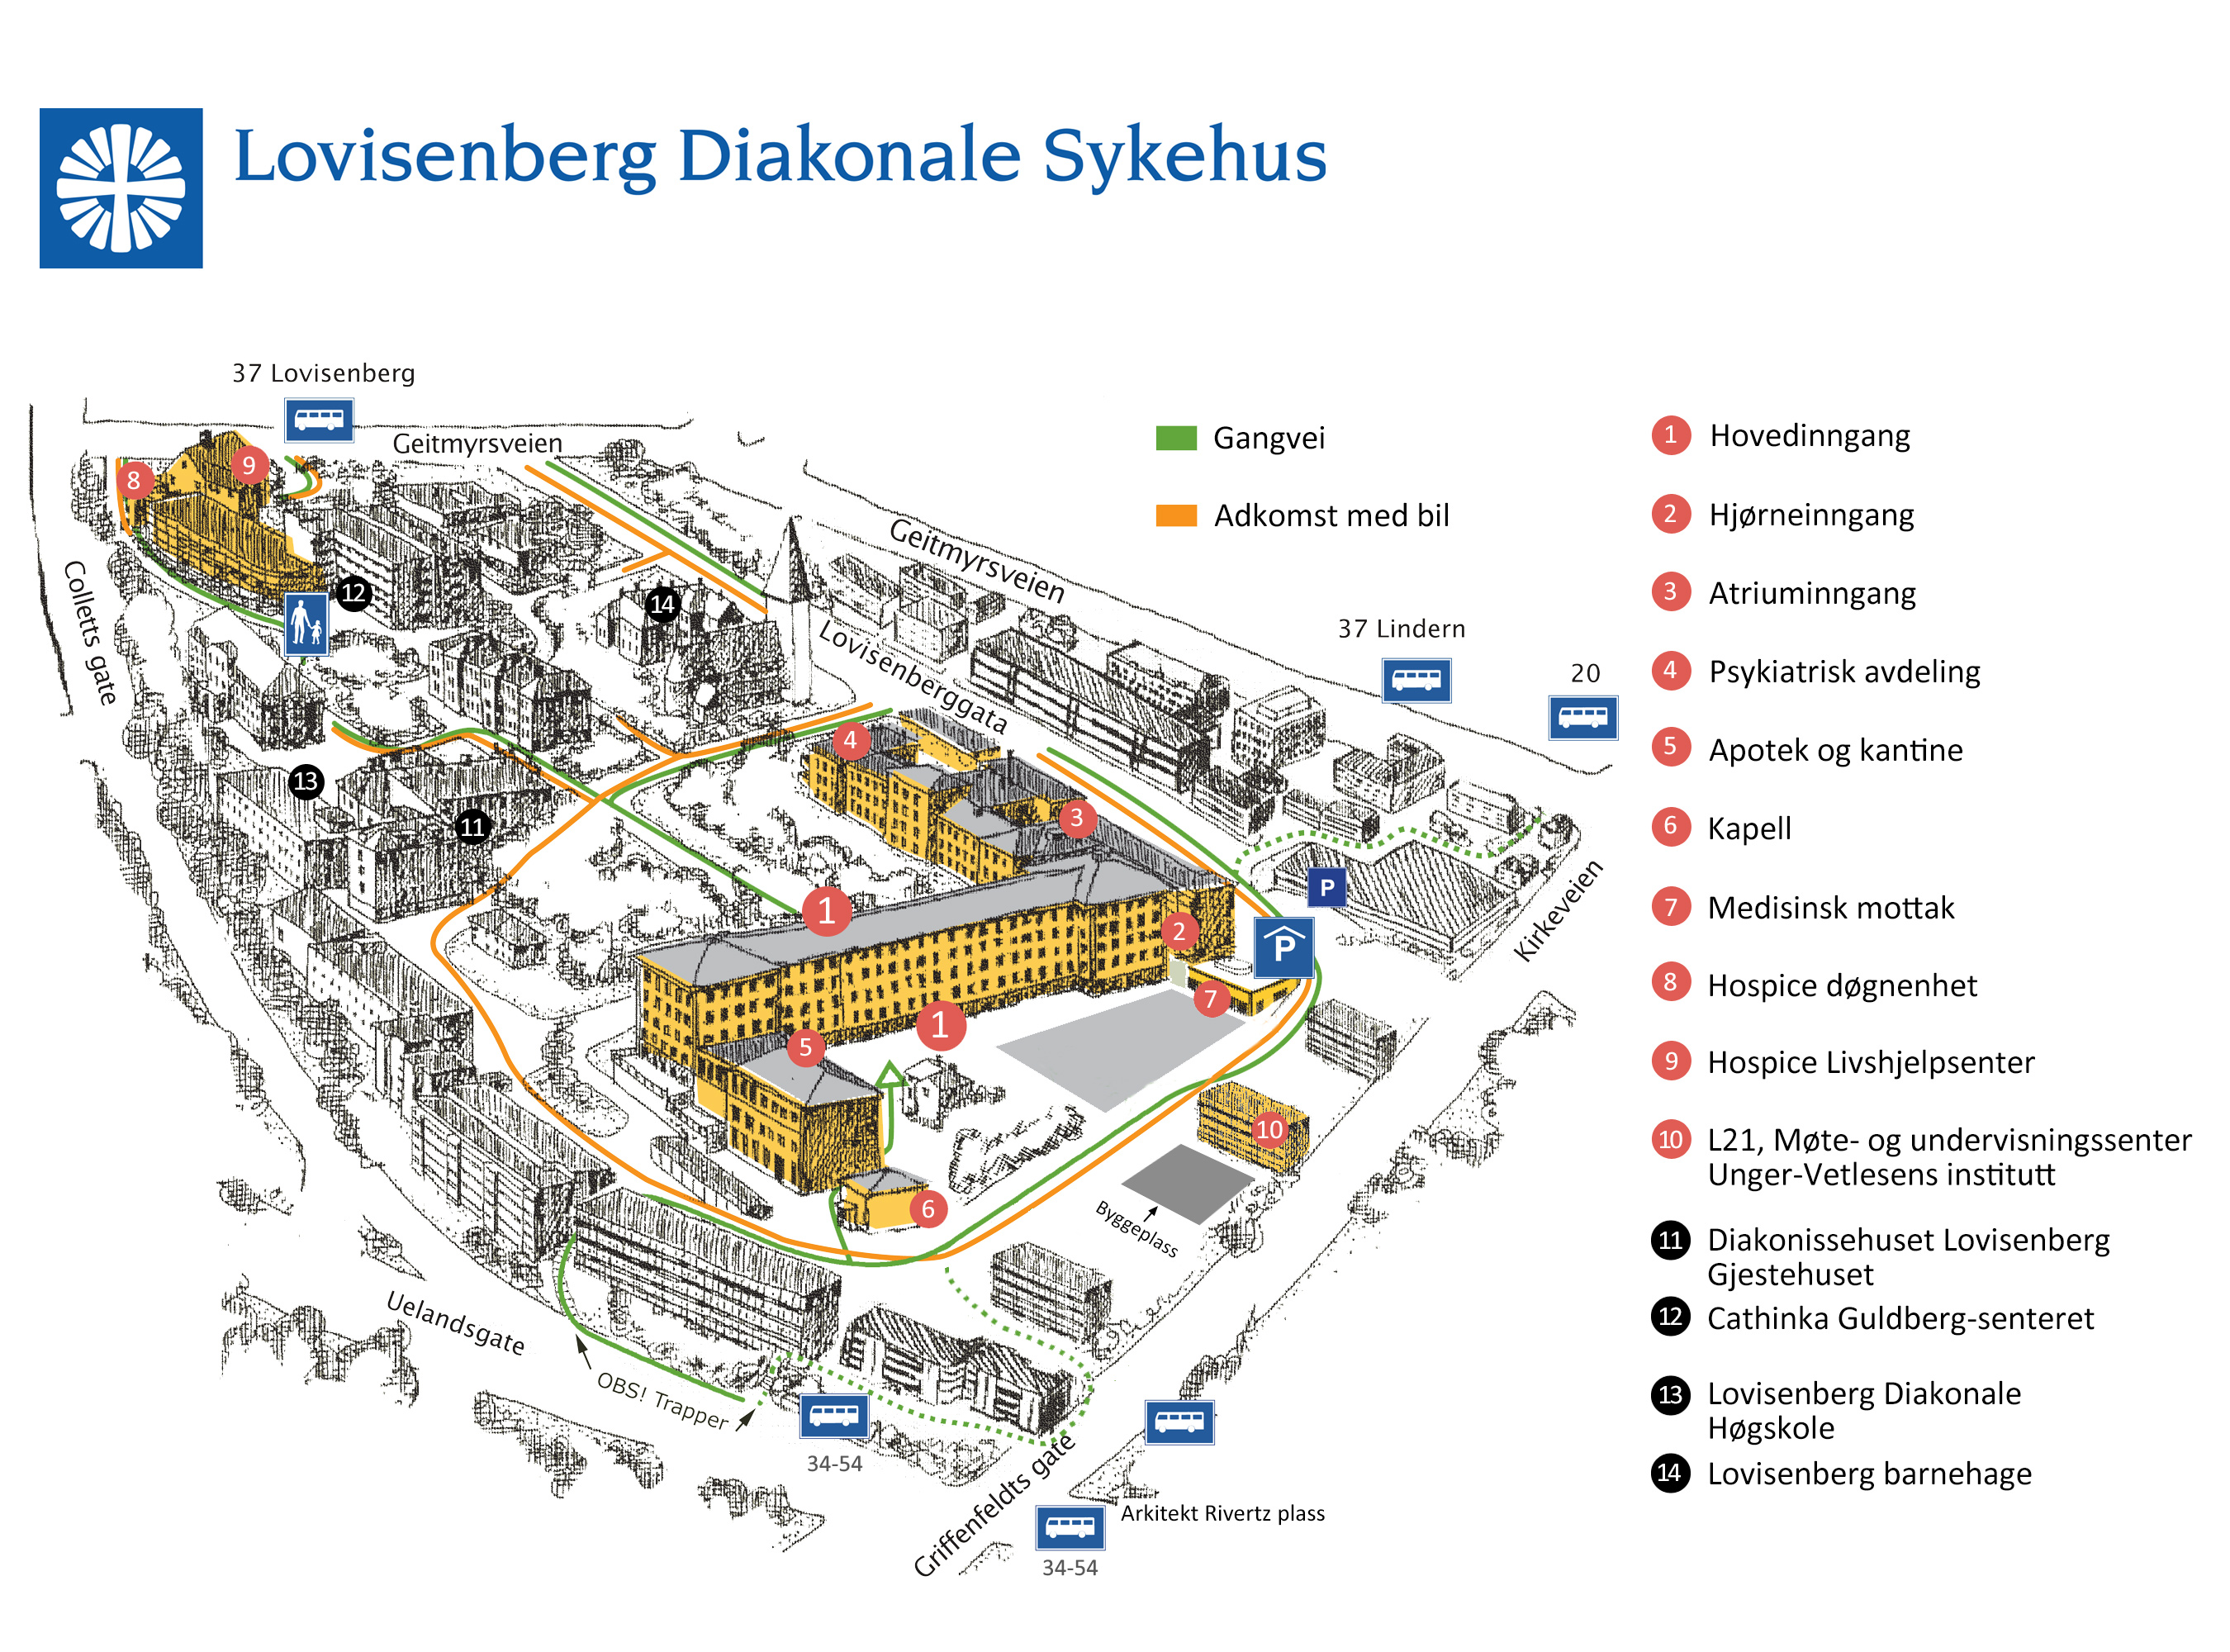 kart over ullevål sykehus Lovisenberg Diakonale Sykehus kart over ullevål sykehus